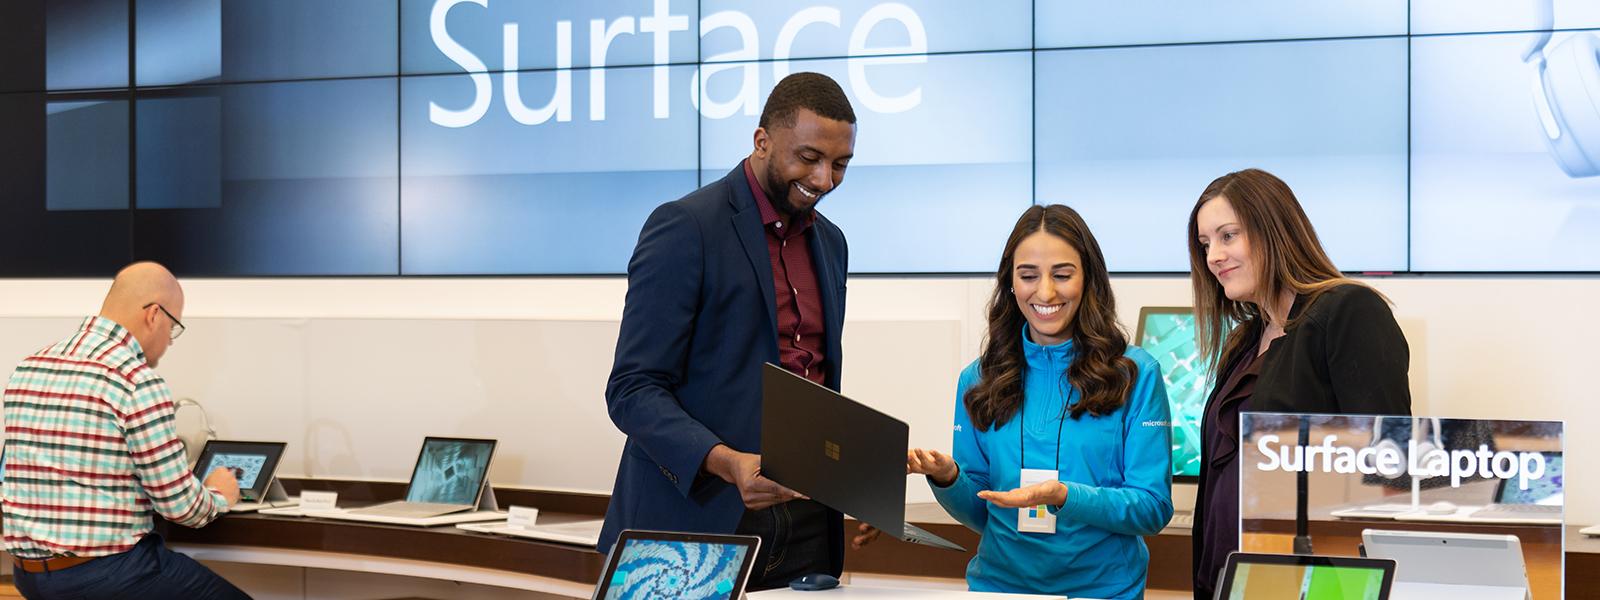 Un associé de Microsoft aide deux clients commerciaux dans un magasin Microsoft.